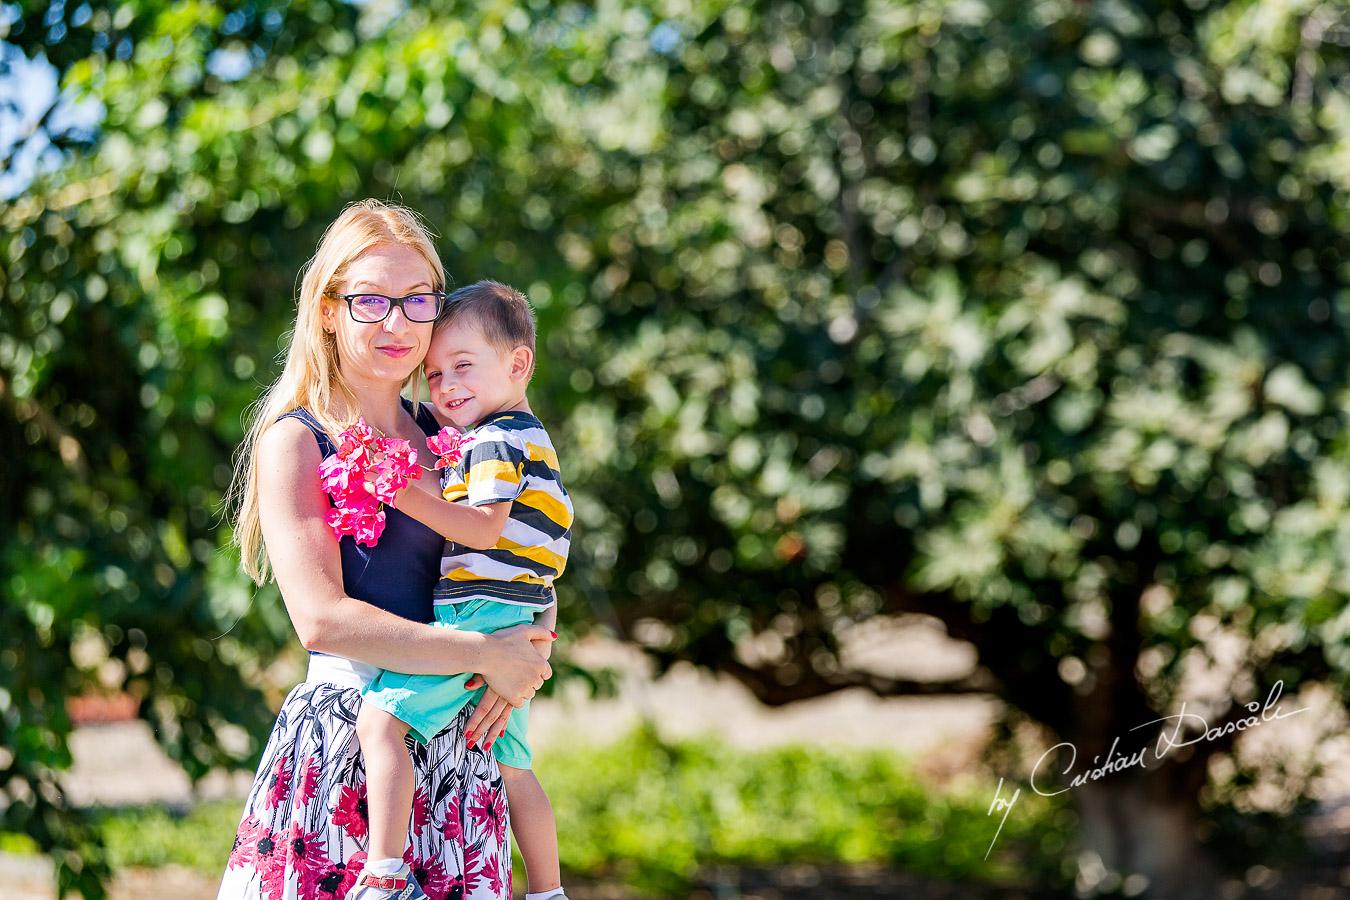 Family Photo Shoot at Amathus-19